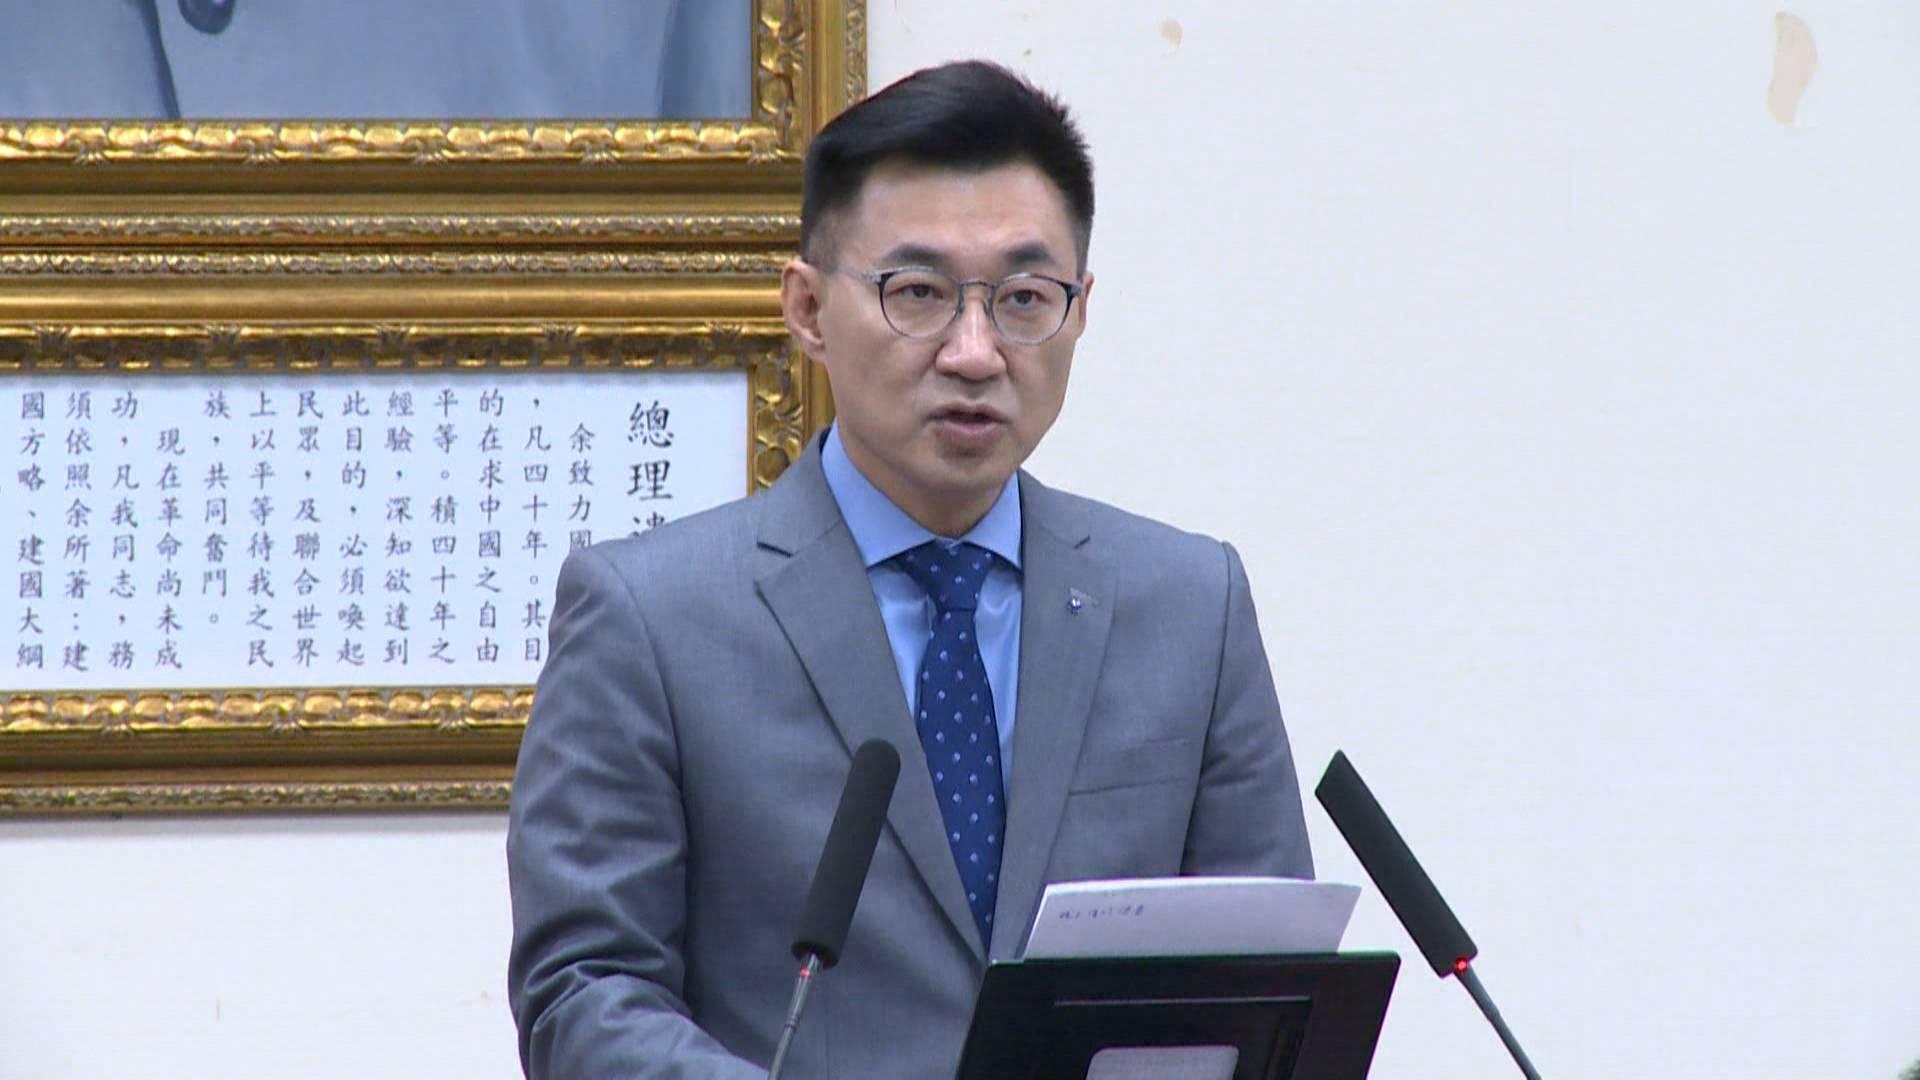 民进党高官称疫情破口在万华,江启臣痛批绿营知错不改还卸责人民